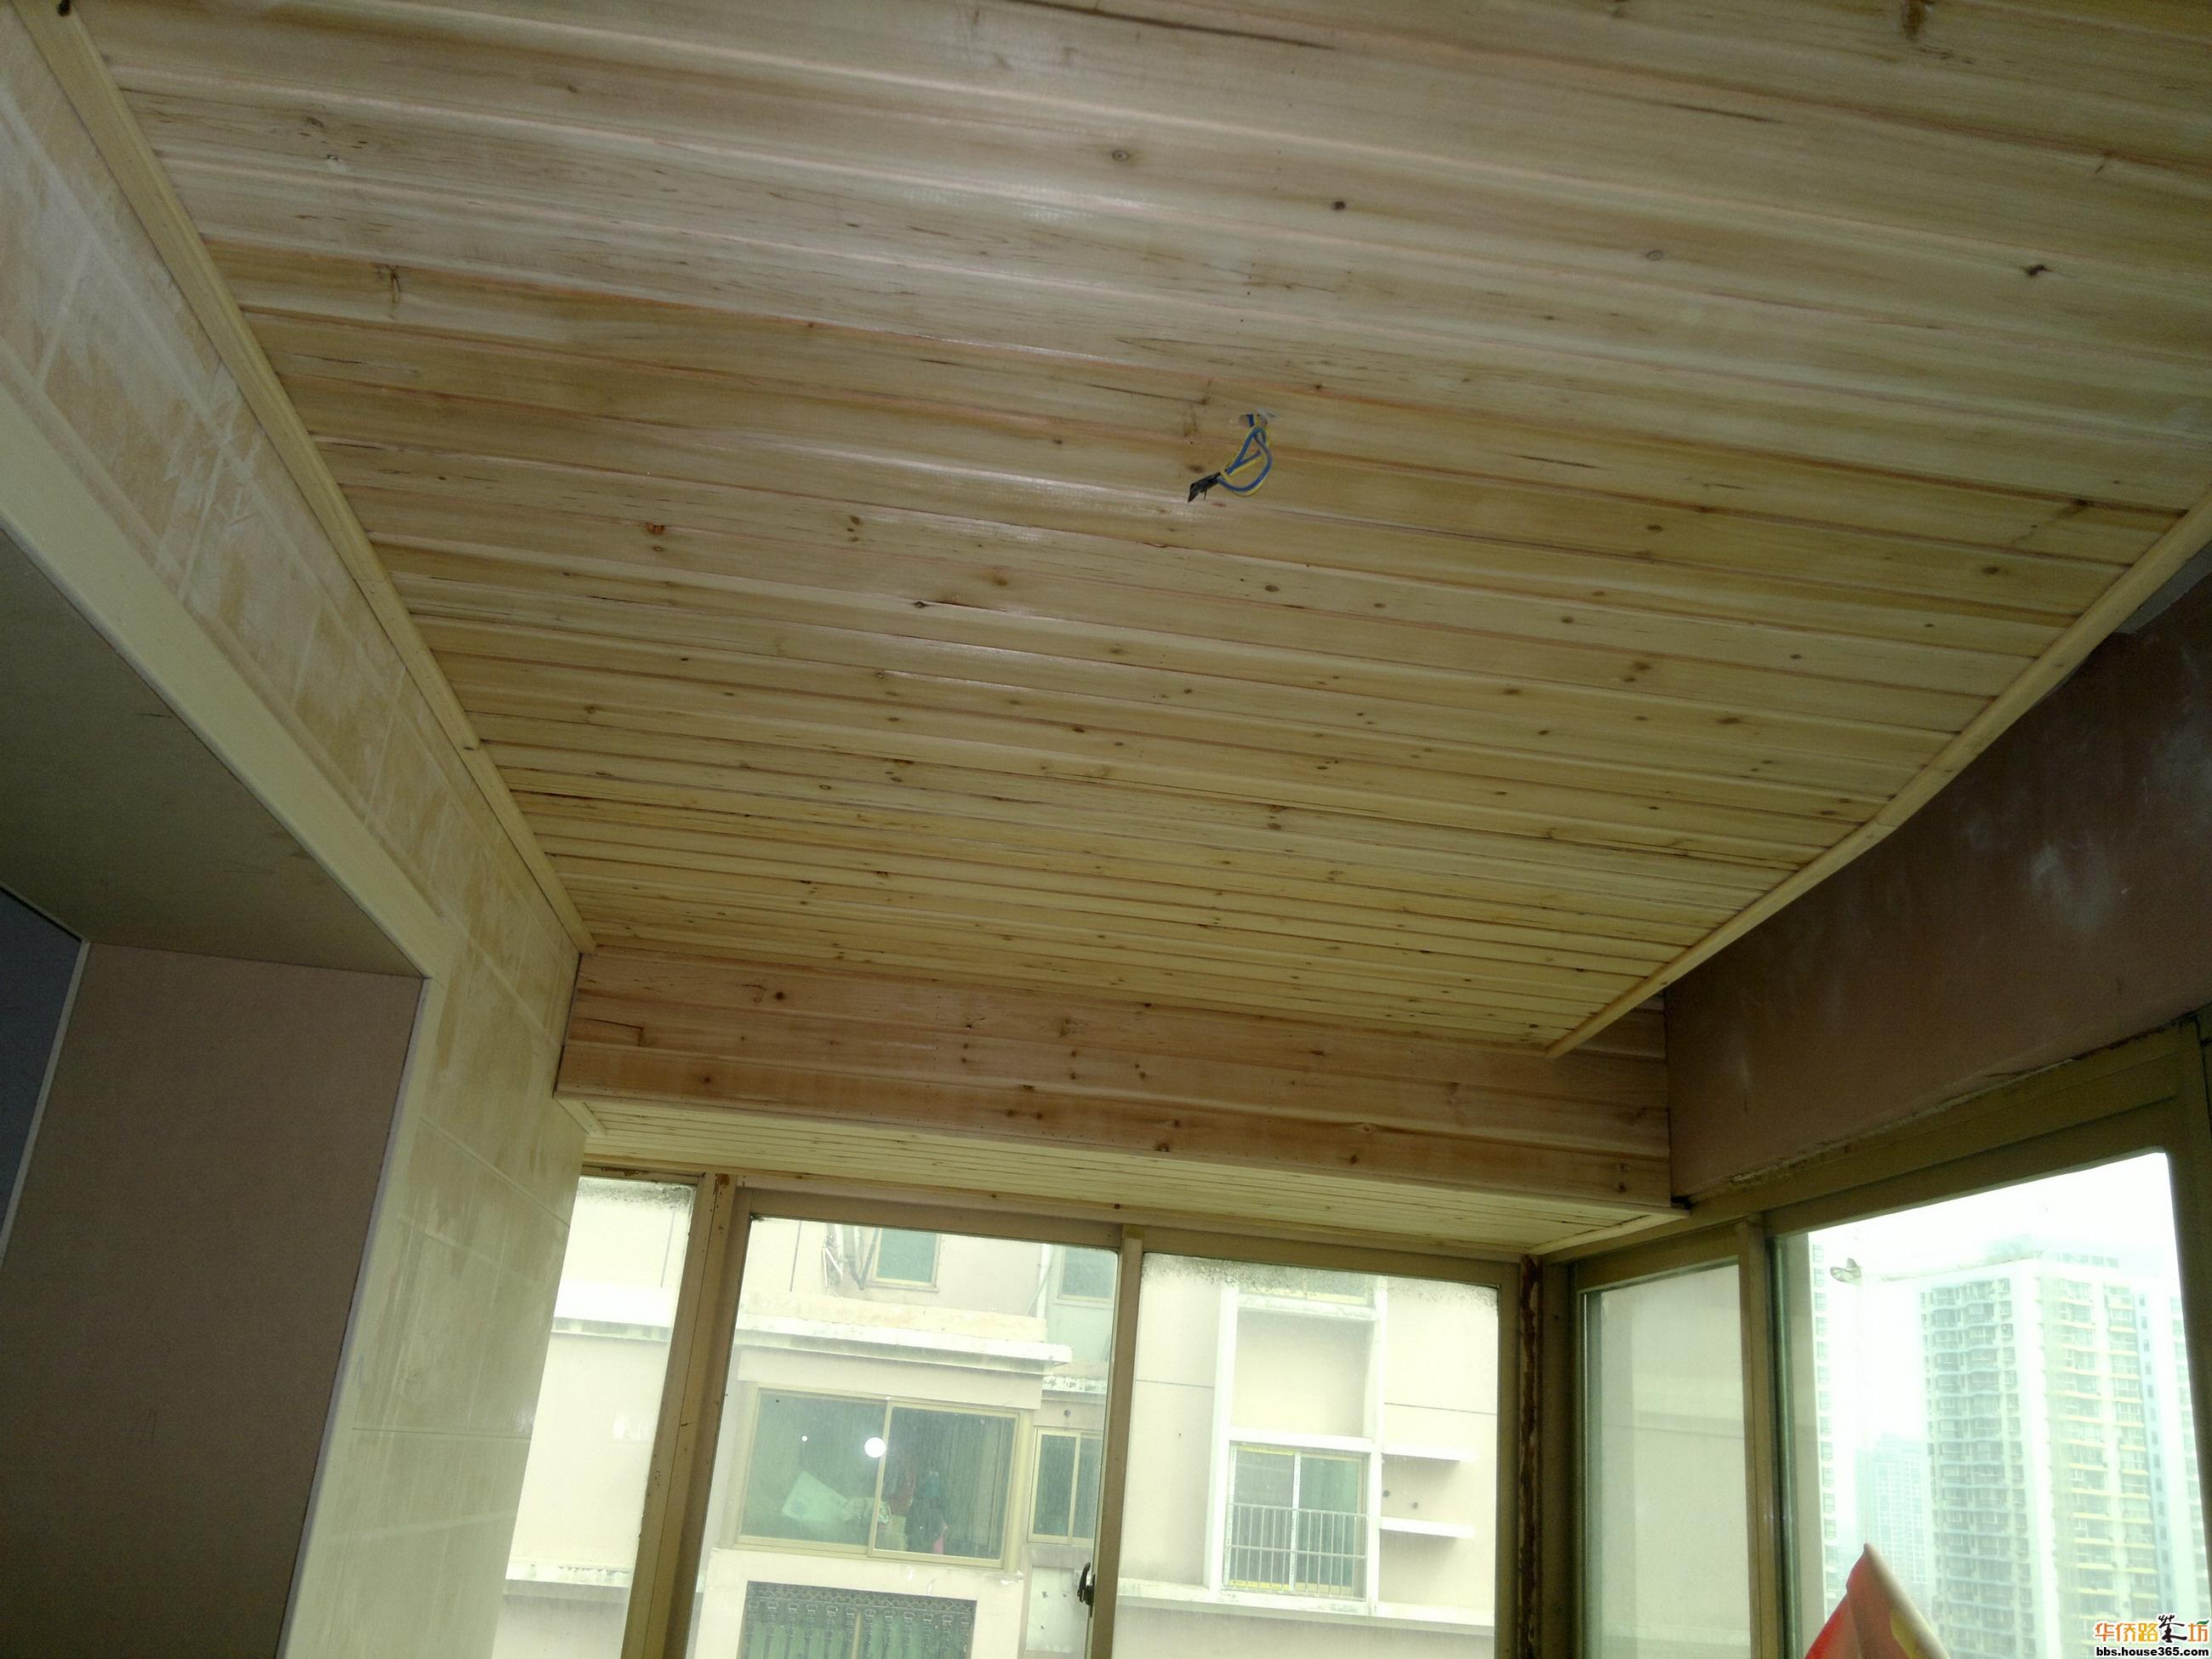 阳台杉木板吊顶 像不像桑拿房